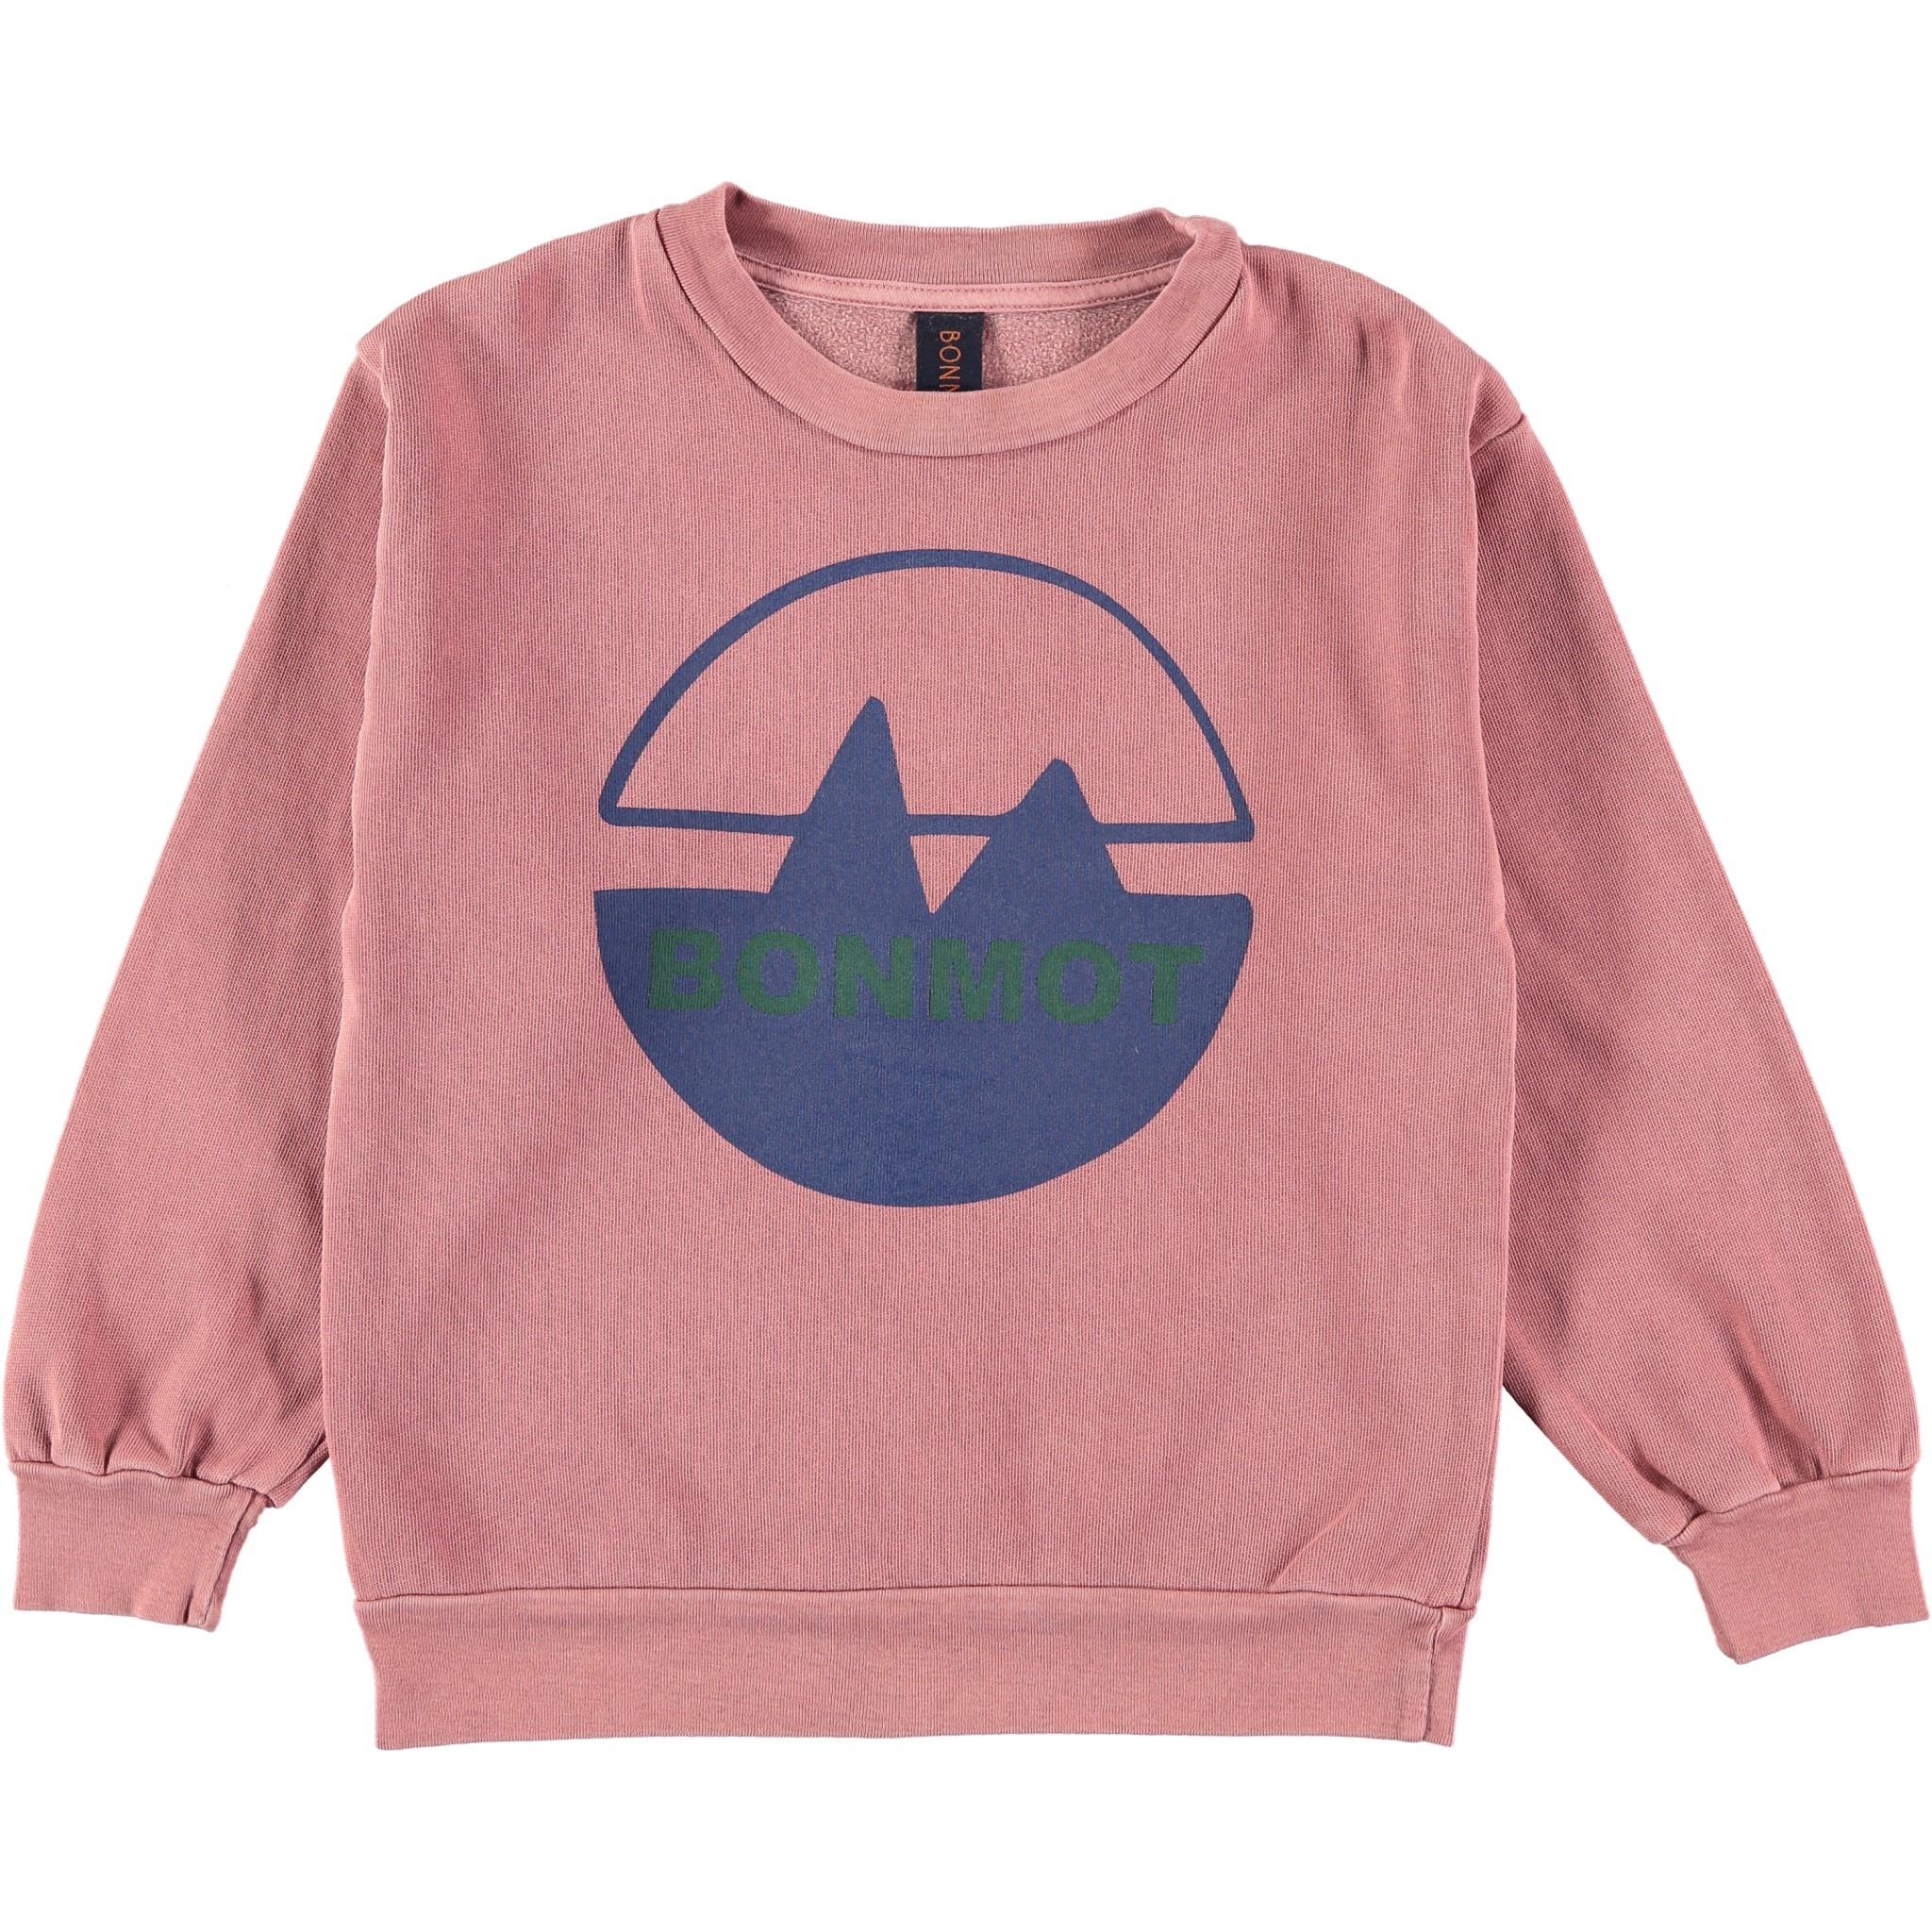 Sweatshirt bonmot mountain rust-1